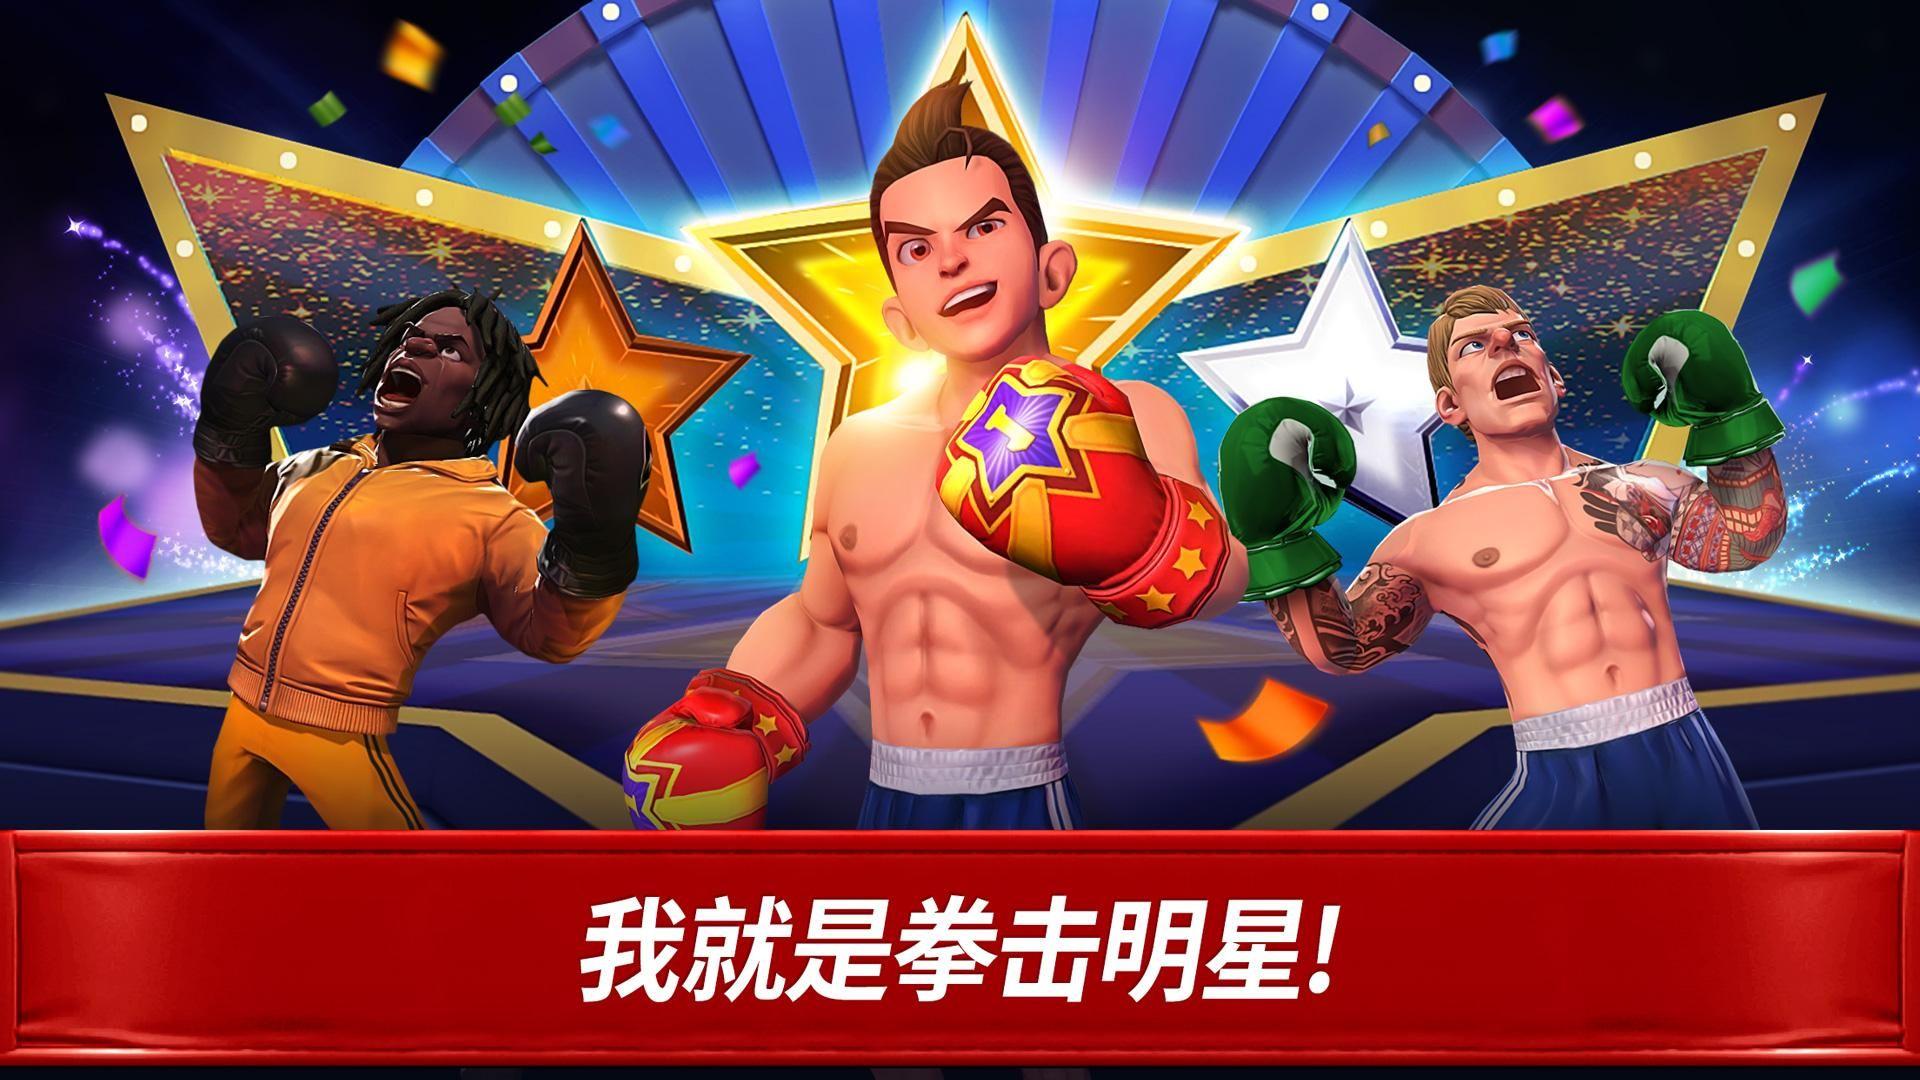 拳击之星 Boxing Star 游戏截图4